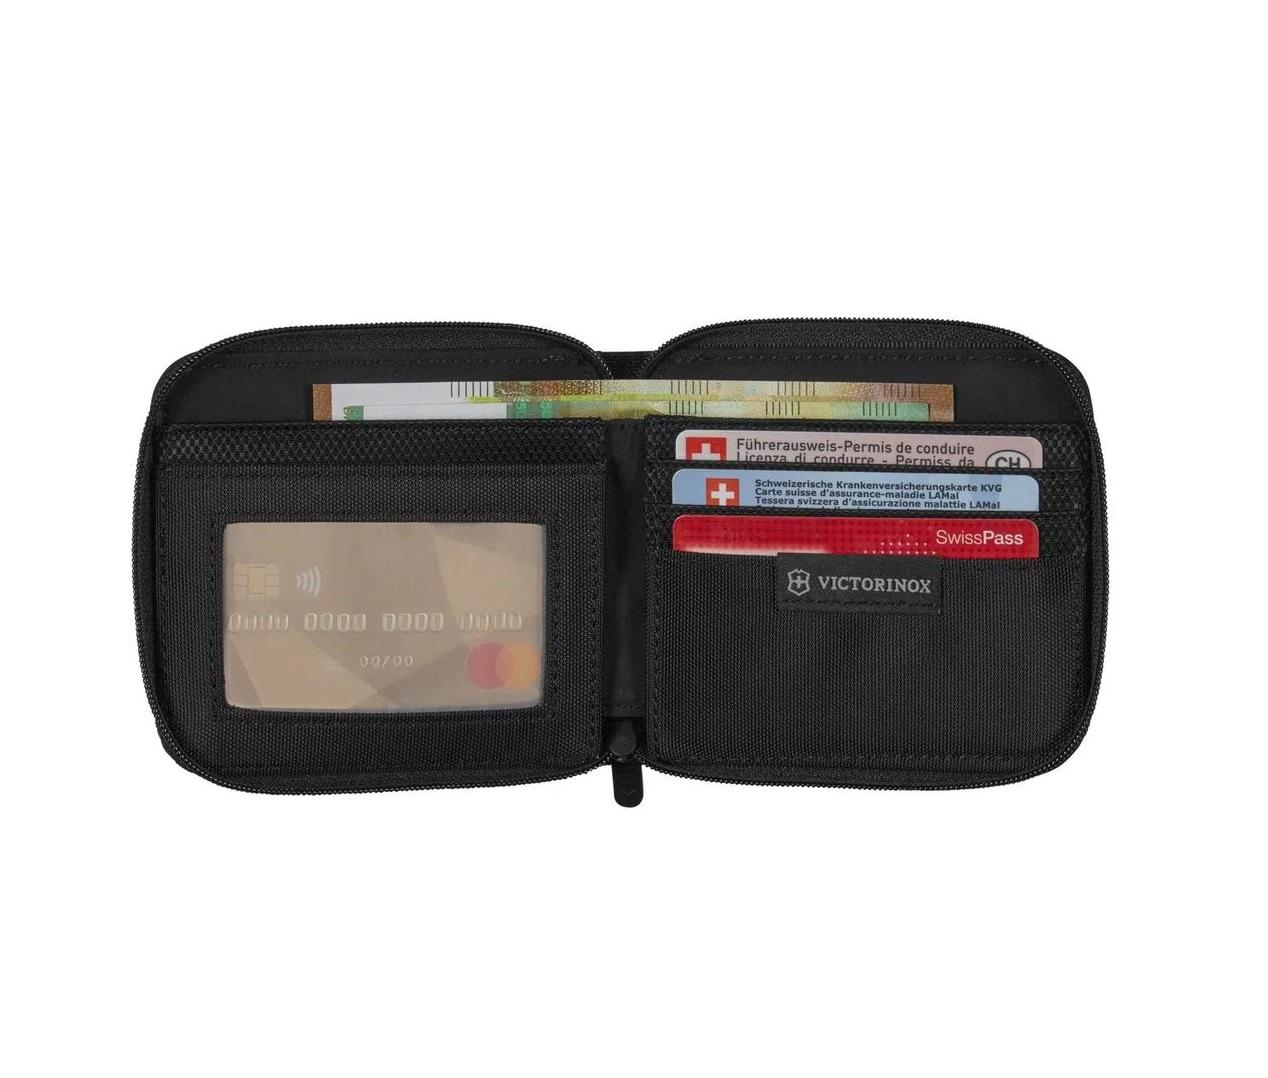 Carteira em Nylon com zíper TA 5.0 com proteção RFID Victorinox  - Mix Eletro